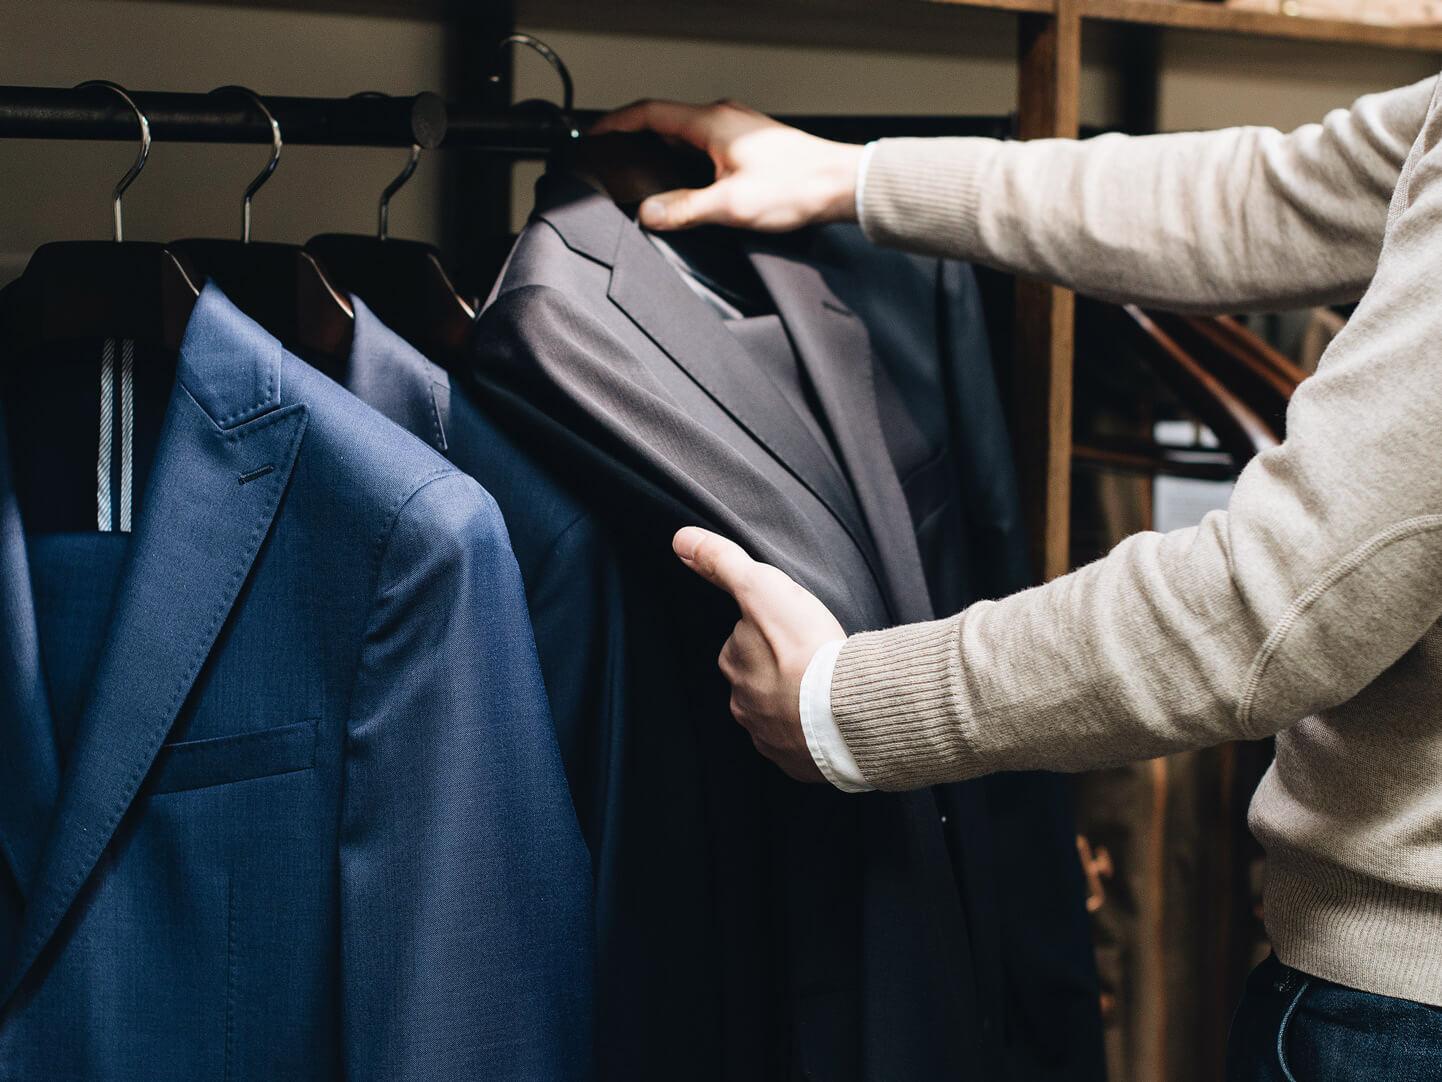 dc08f3c2 En enkel stilveiledning til deg som skal kjøpe dress | CareOfCarl.no